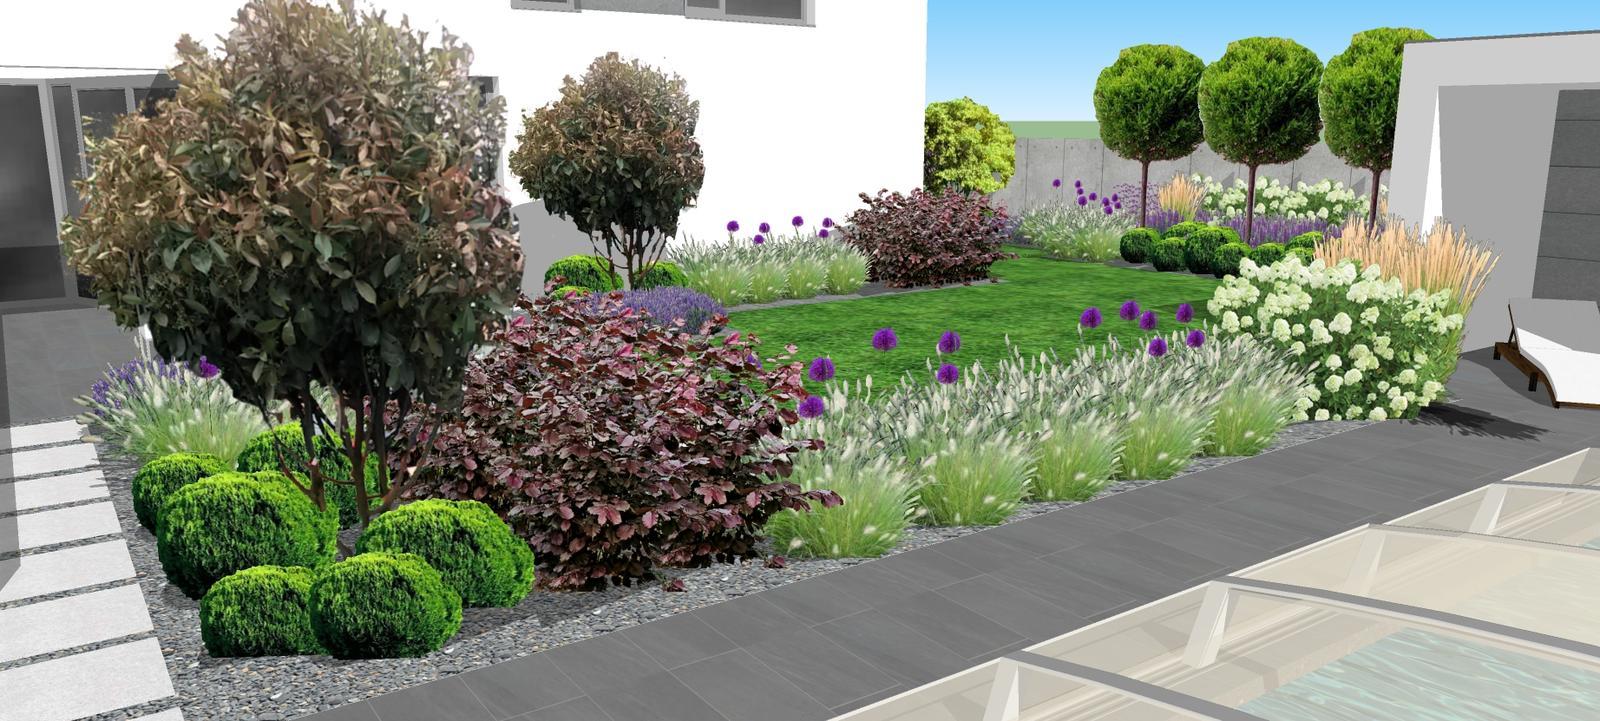 Zahrada 2017 - Obrázok č. 9